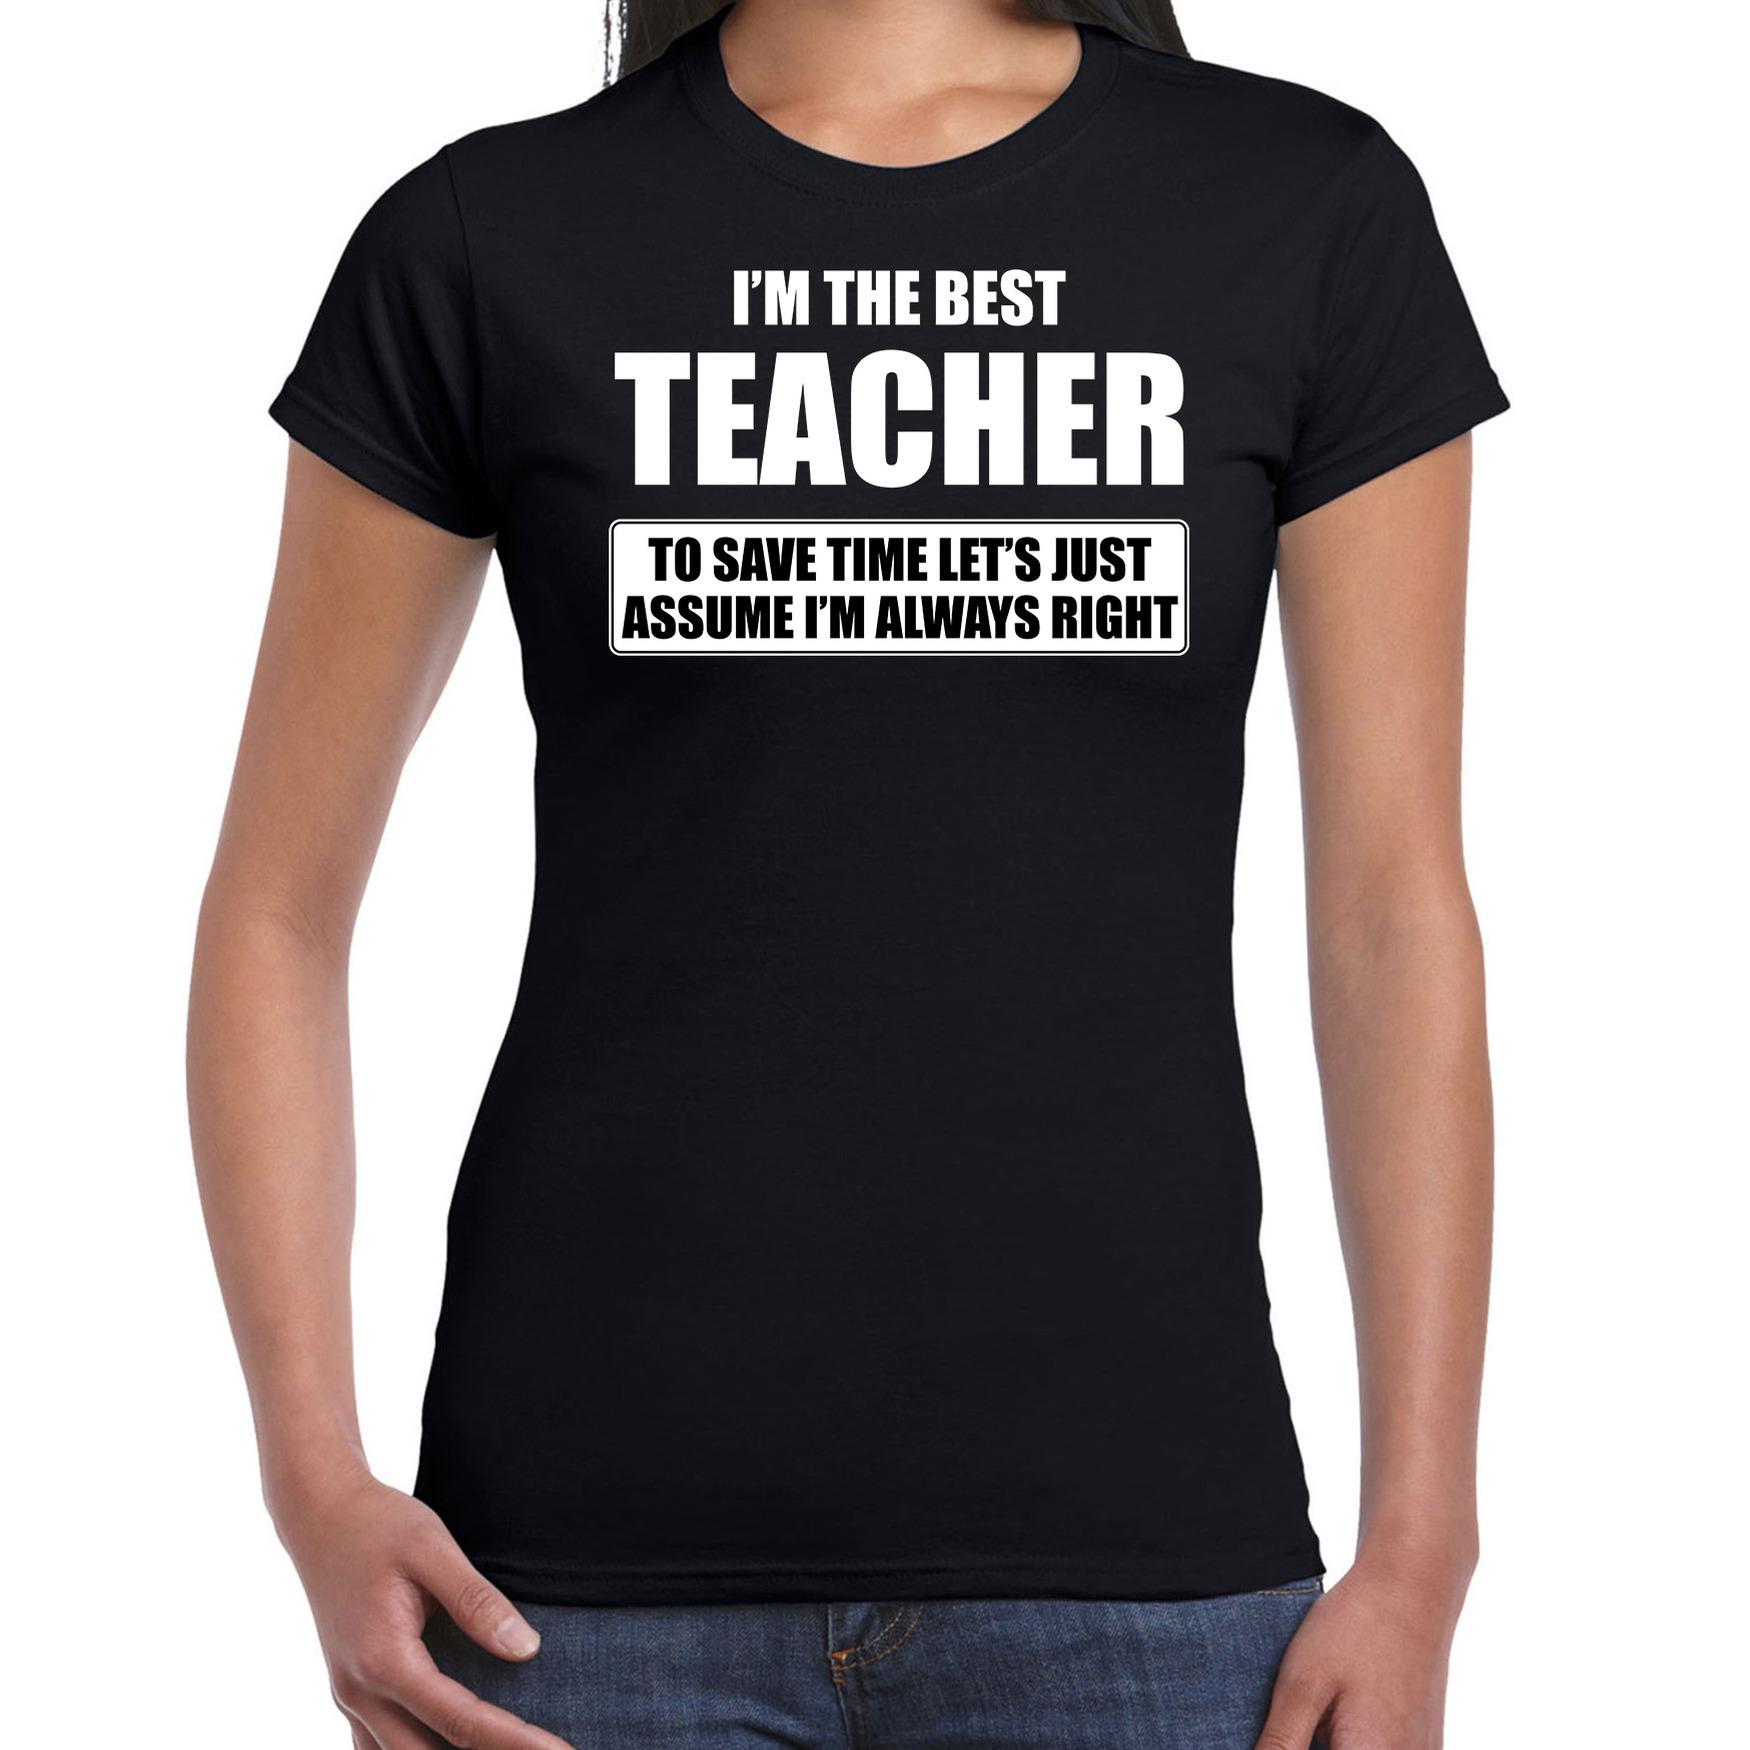 I'm the best teacher t-shirt zwart dames - De beste juf cadeau